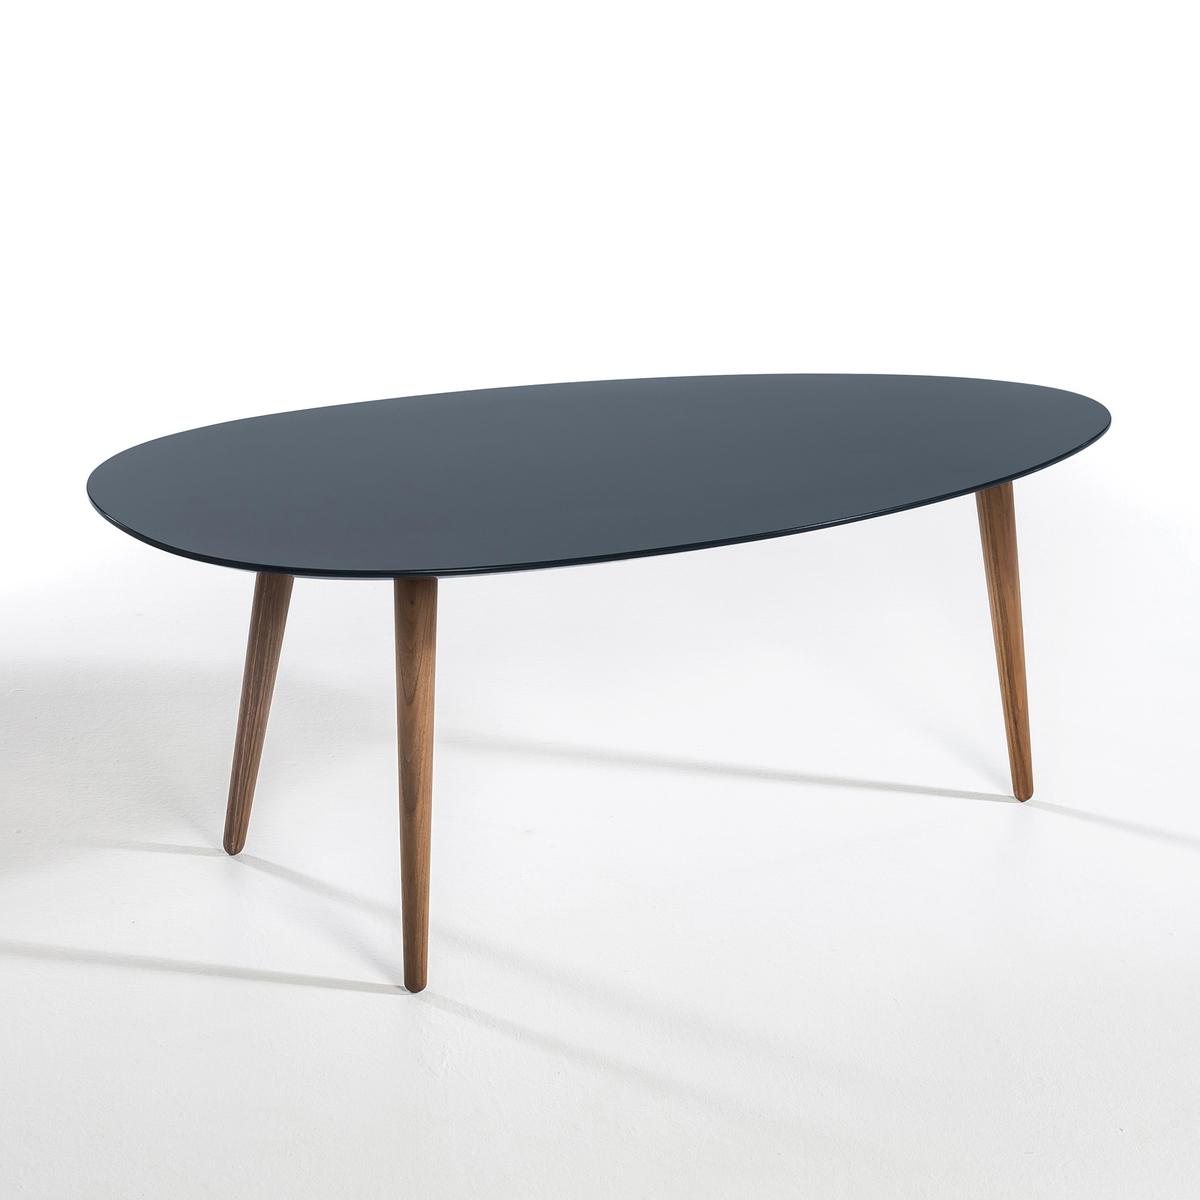 Журнальный столик из каучукового дерева с лакированным покрытием  Дл100 см, Flashback от La Redoute